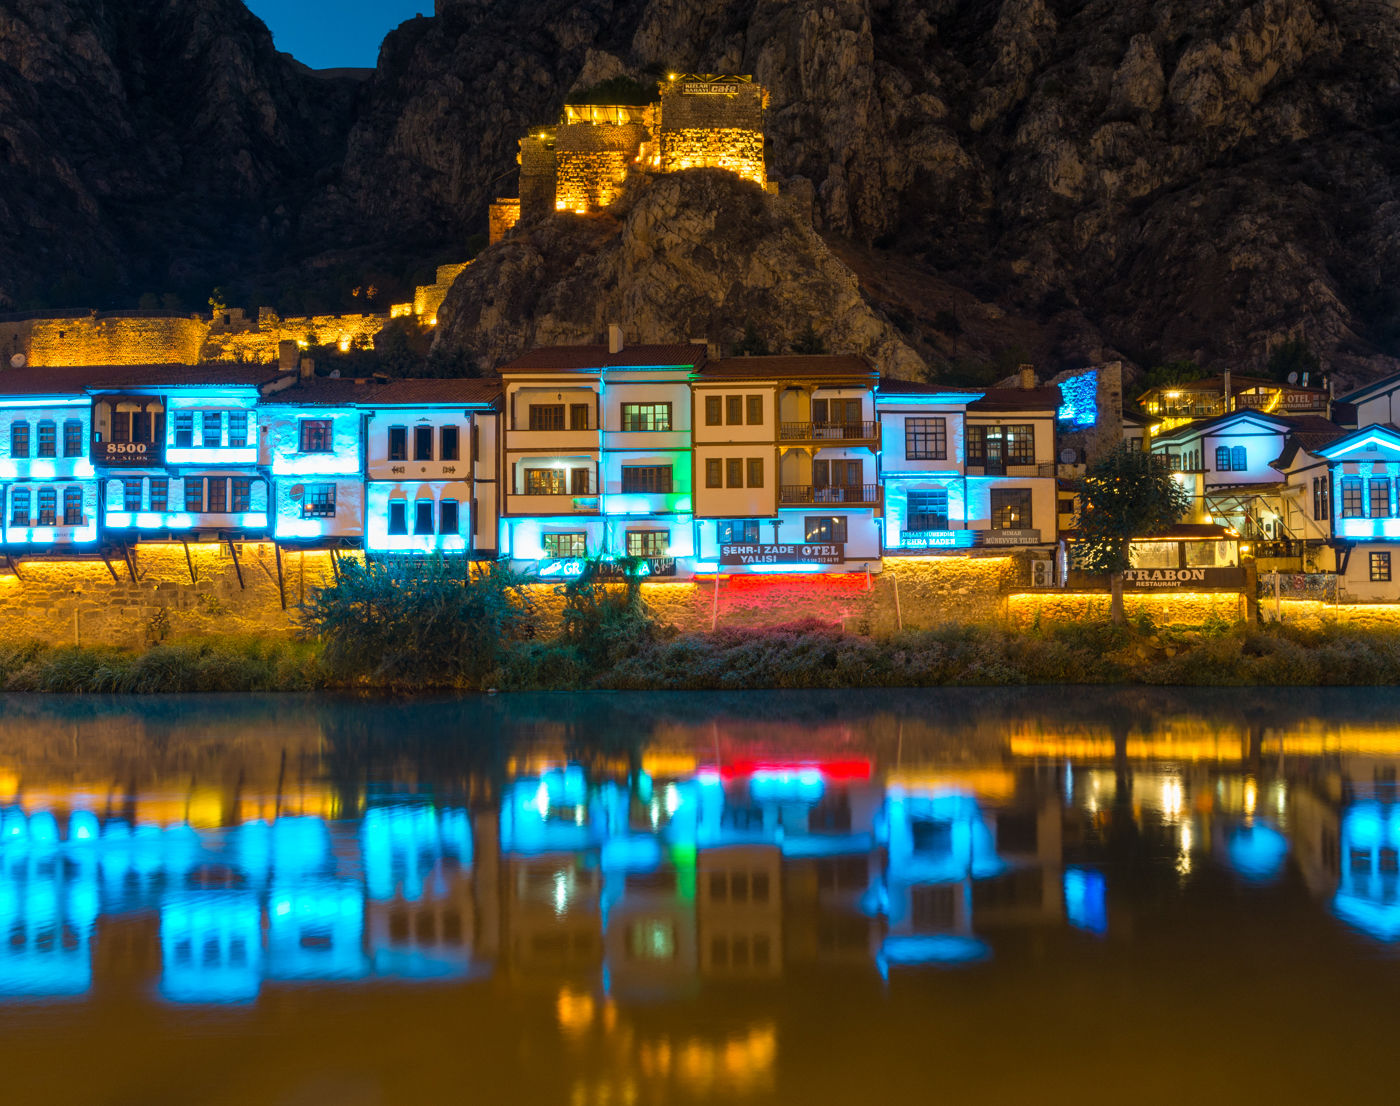 AMASYA / アマスヤの町は切り立った崖に挟まれ、町の中央を小さな川が流れる。日暮れになると旧市街は電飾され、日中と異なる姿を見せる。5色のイルミネーション。